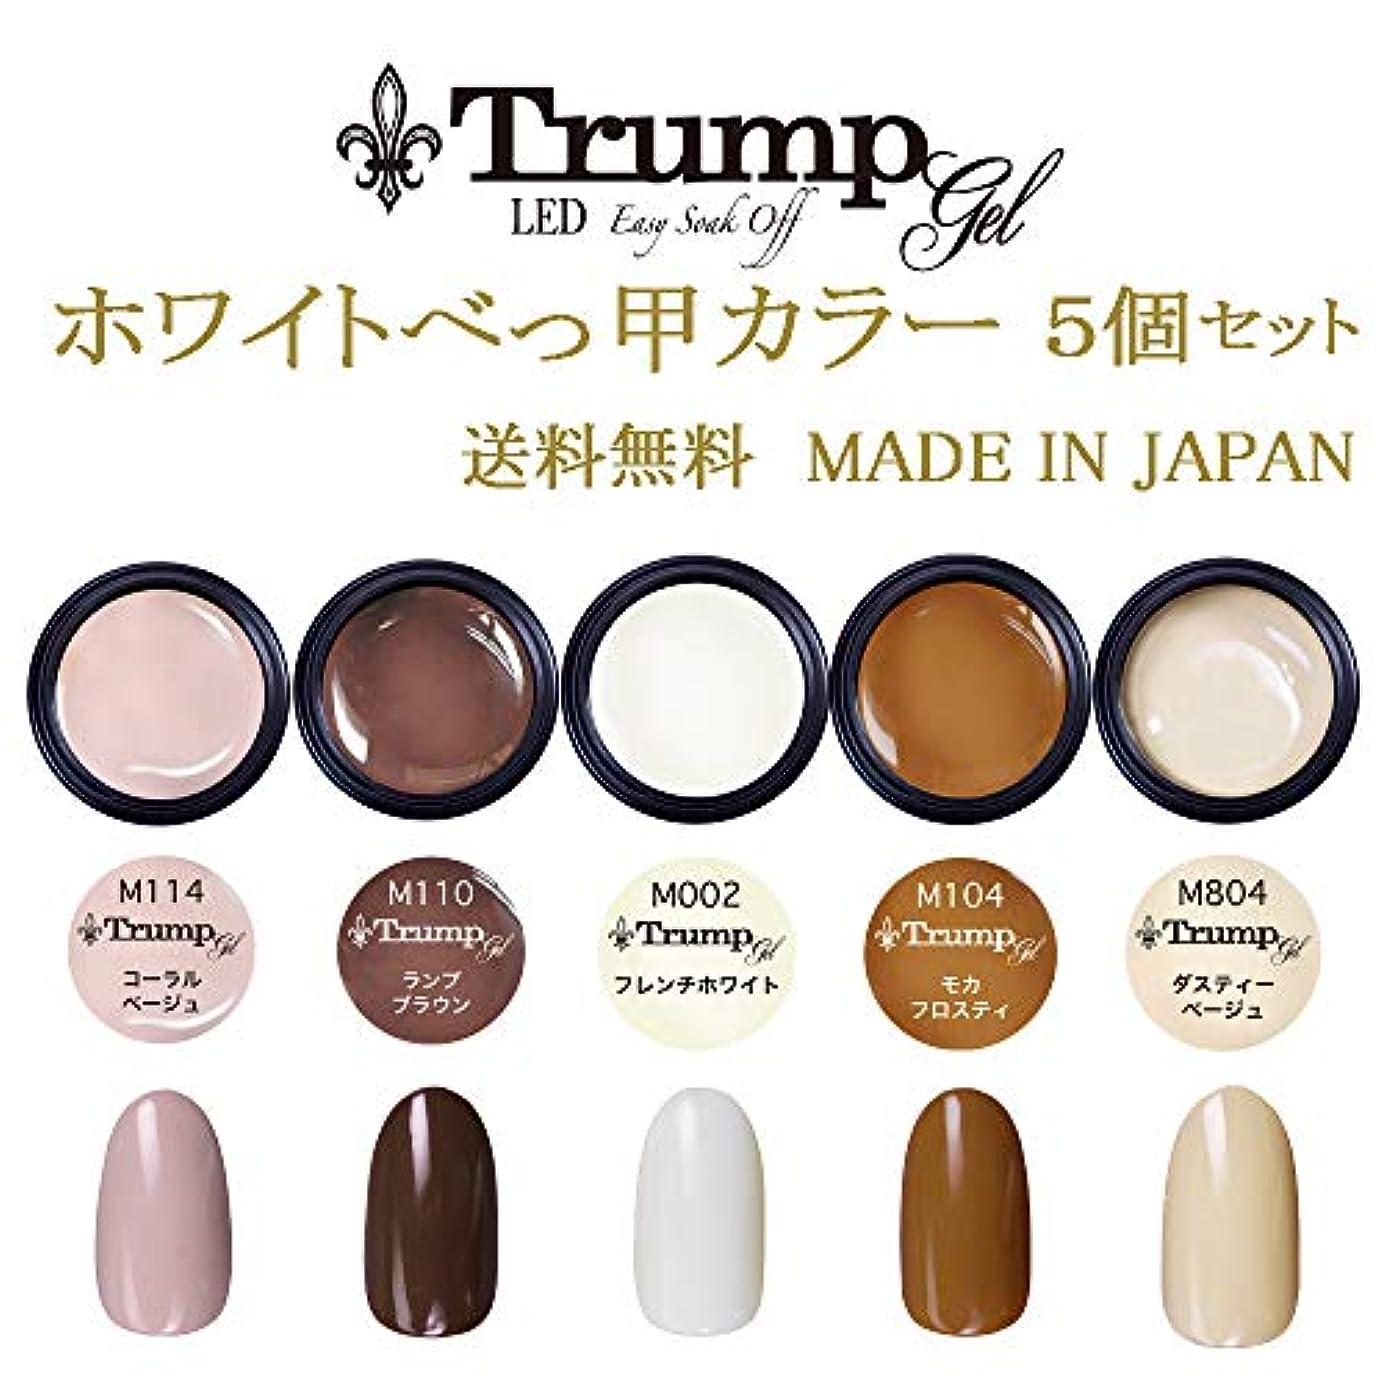 運動ロボットゴミ【送料無料】日本製 Trump gel トランプジェルホワイトべっ甲カラージェル 5個セット スタイリッシュでオシャレな 白べっ甲カラージェルセット